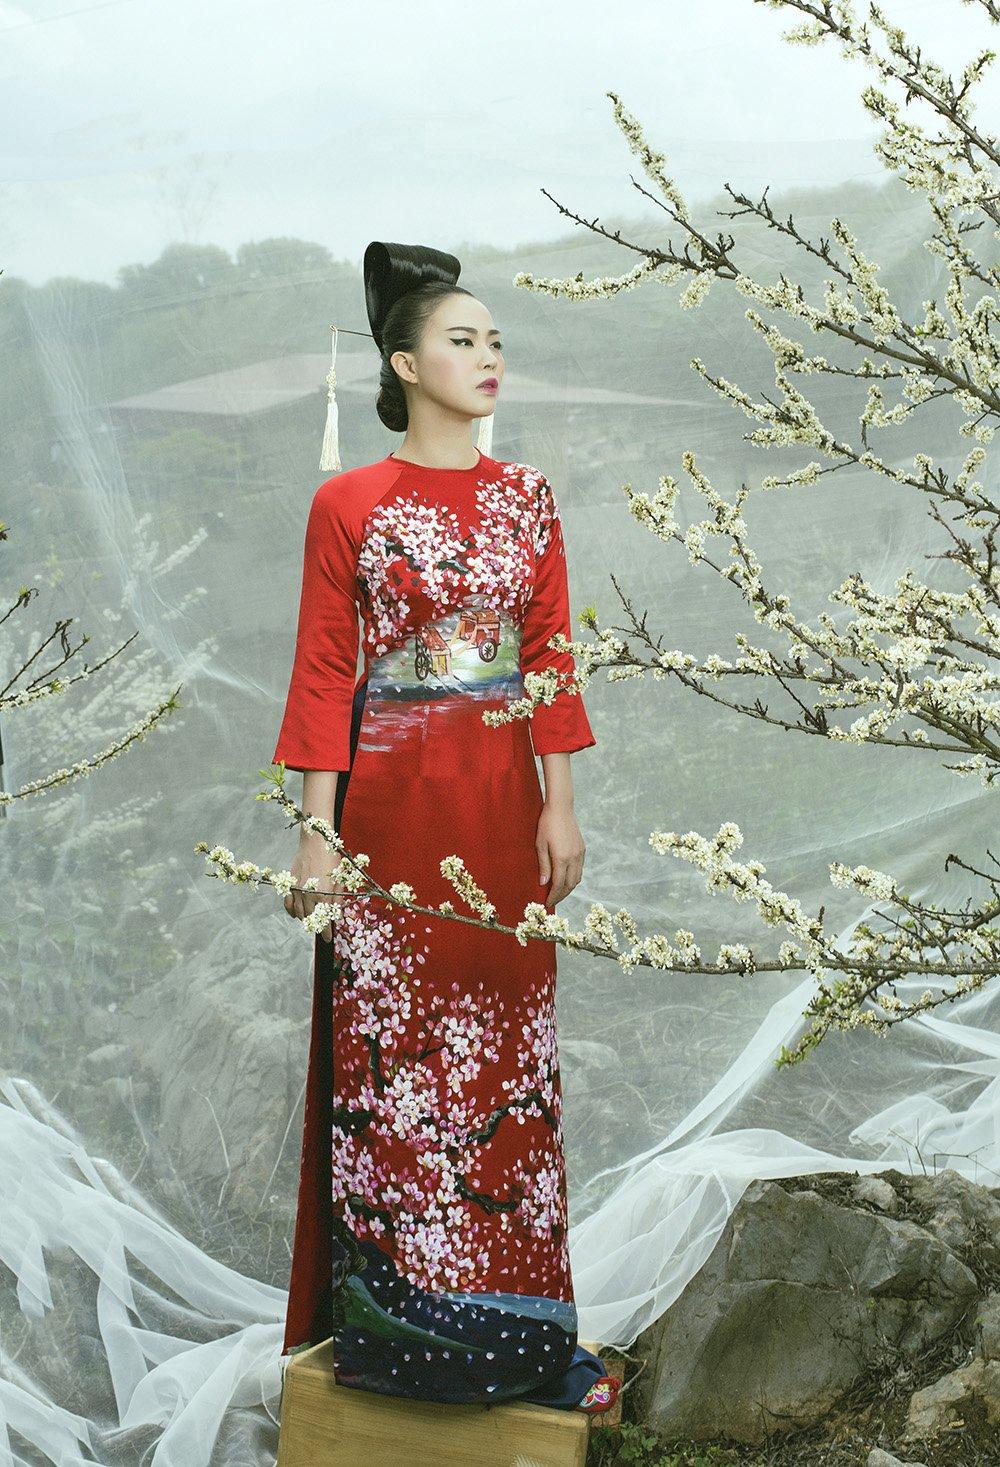 An tuong voi bo suu tap ao dai 'Mua hoa' mang phong cach Nhat Ban hinh anh 11